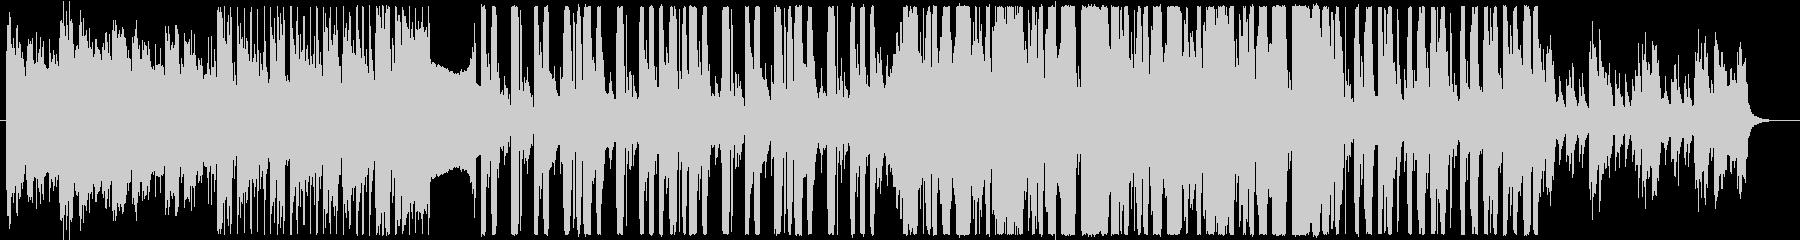 幾何学的なピアノと近未来クラブサウンドbの未再生の波形